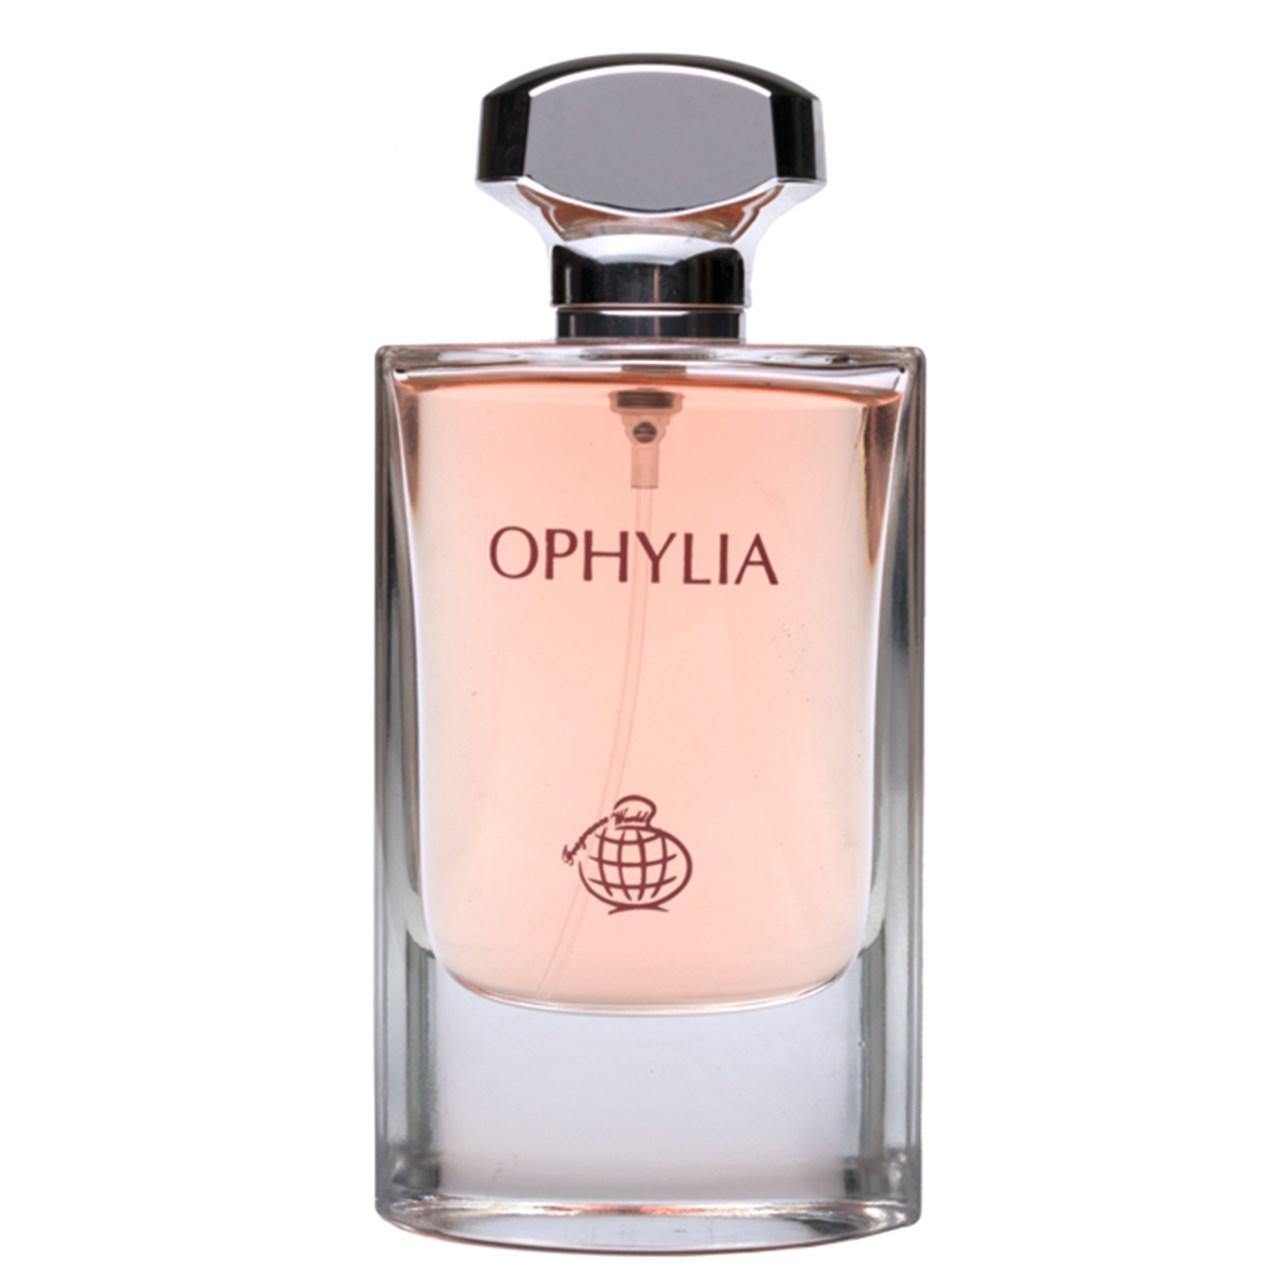 ادو پرفیوم زنانه فراگرنس ورد مدل Ophylia  حجم80 میلی لیتر